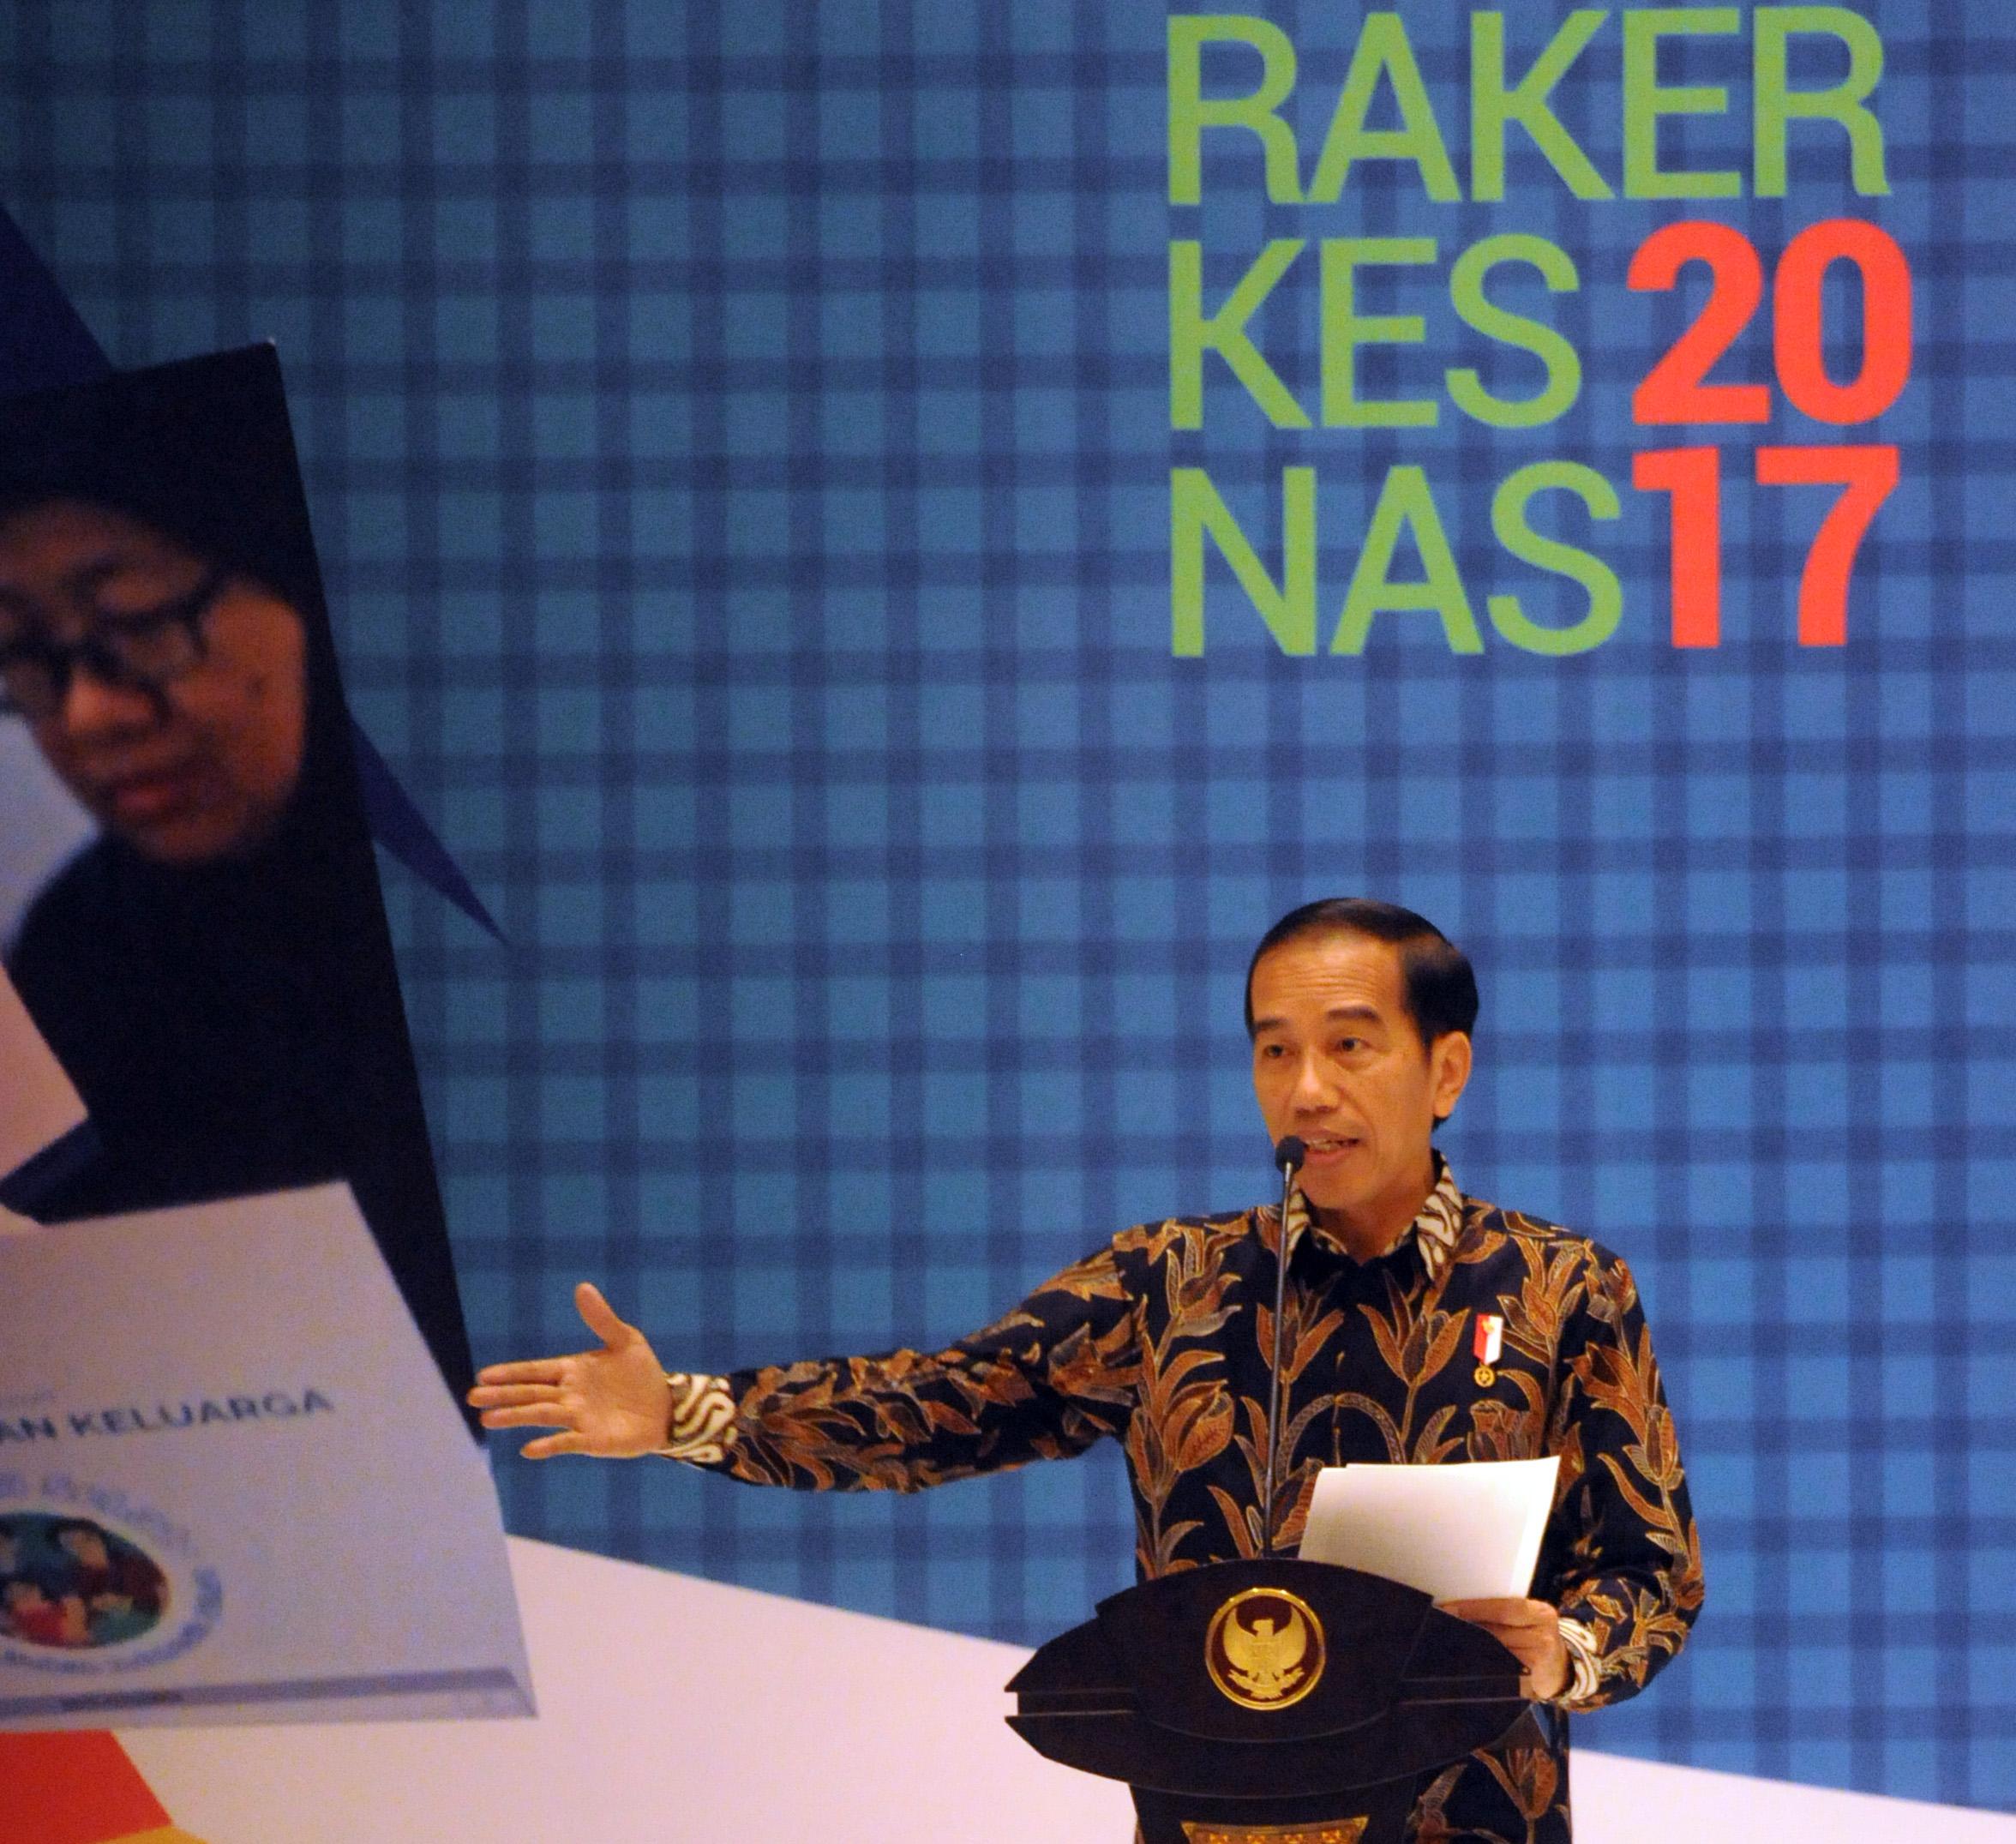 Presiden Jokowi memberikan sambutan pada pembukaan Rapat Kerja Kesehatan Nasional 2017, di Bidakara, Jakarta, Selasa (28/2) pagi. (Foto: Rahmat/Humas)